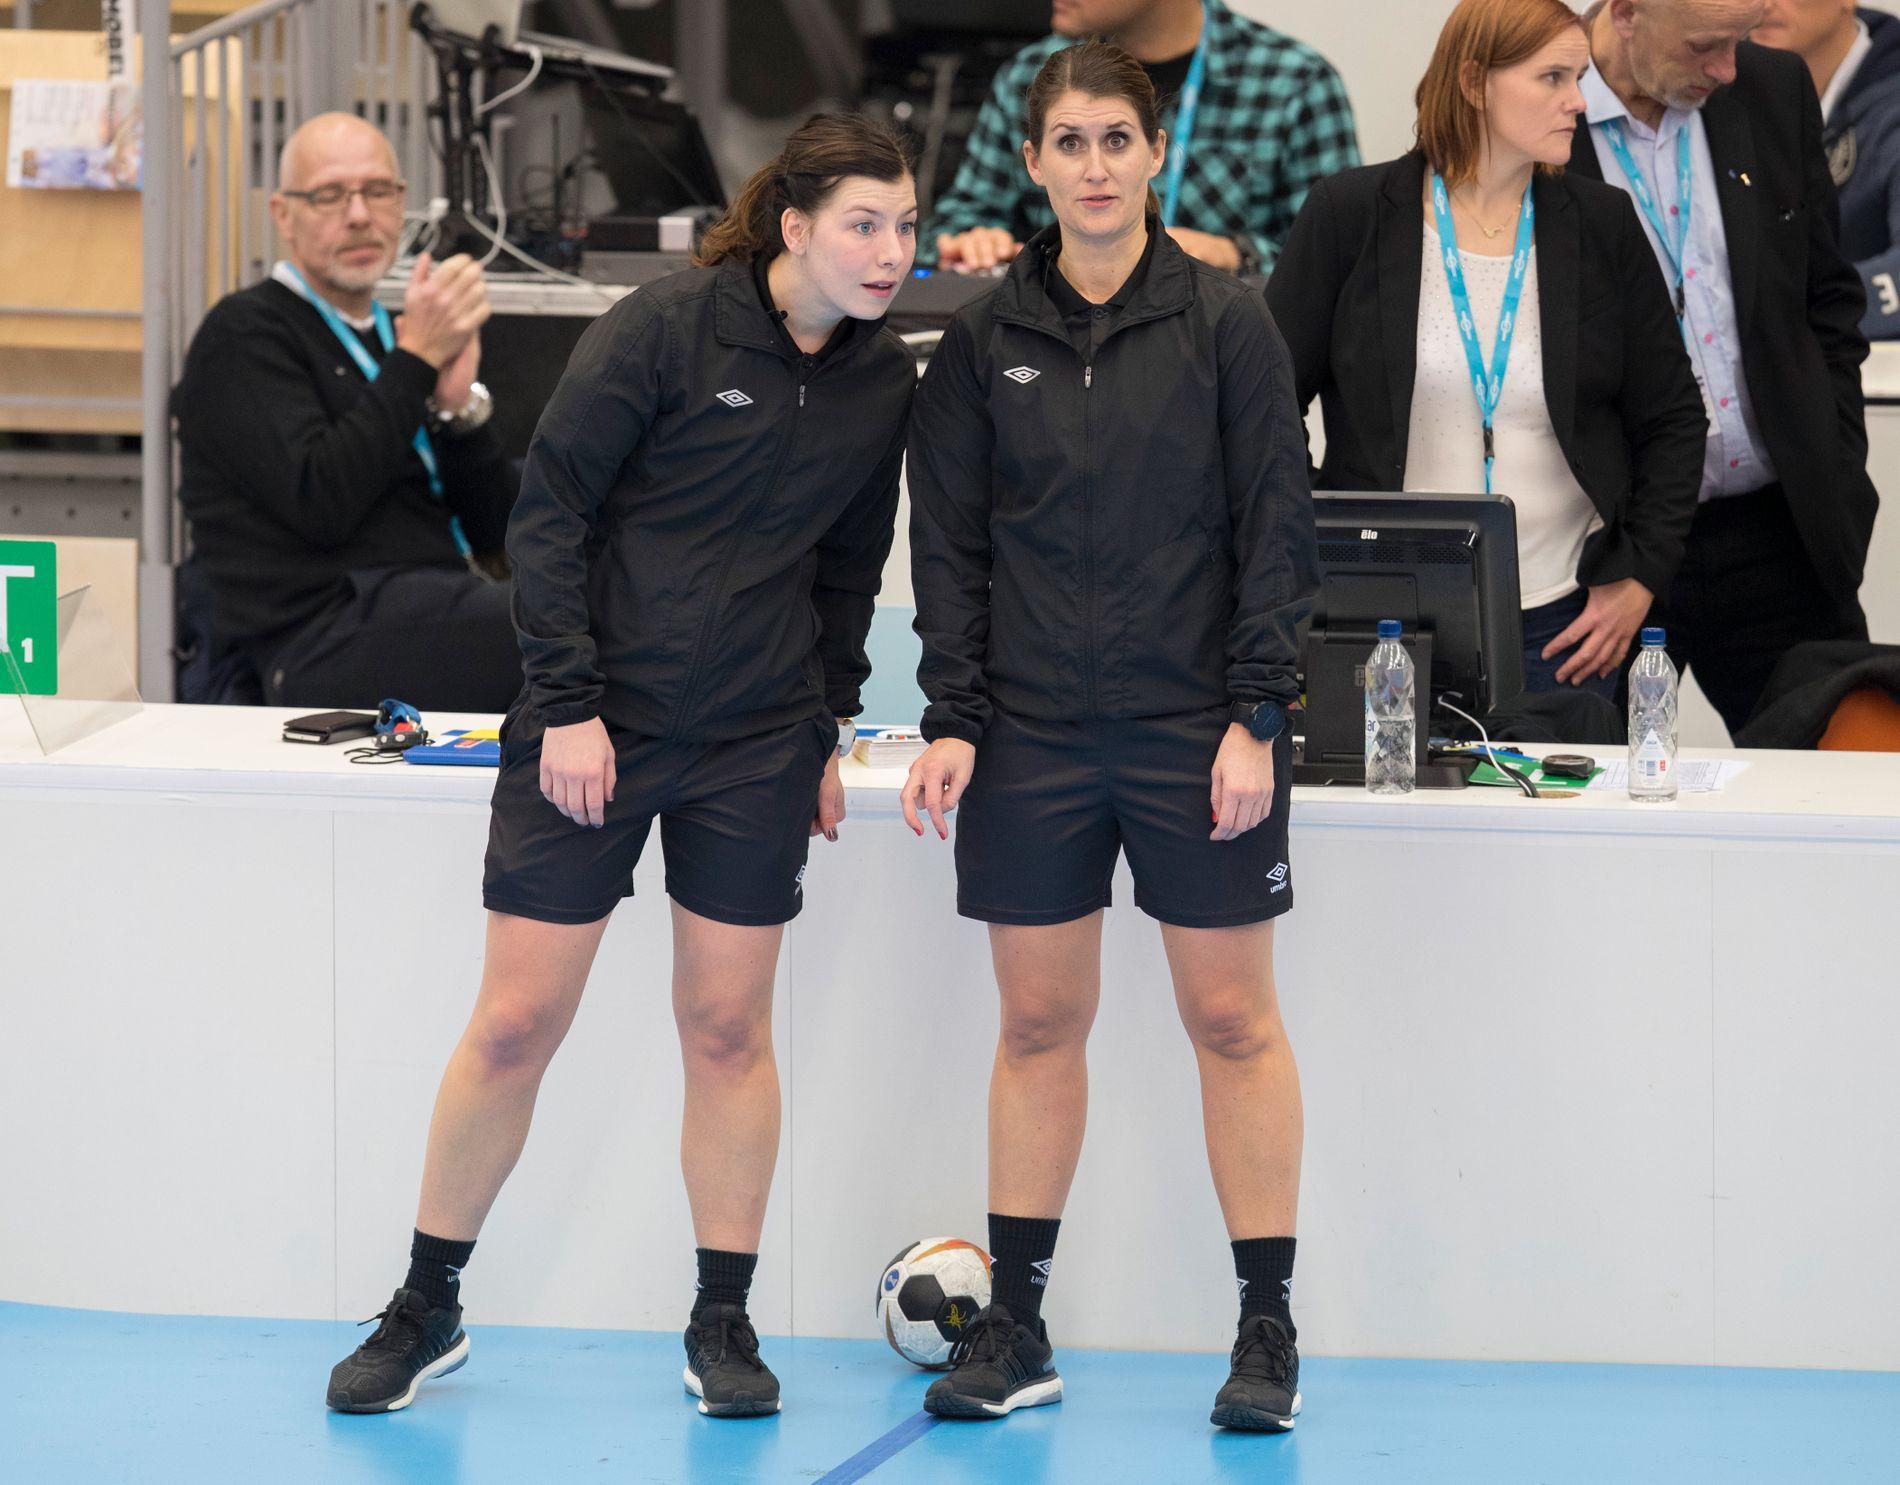 GIR SEG: Kjersti Arntsen og Guro Røen avslutter dommerkarrieren. Her fra november 2017 i en firenasjonersturnering i Sotra Arena.